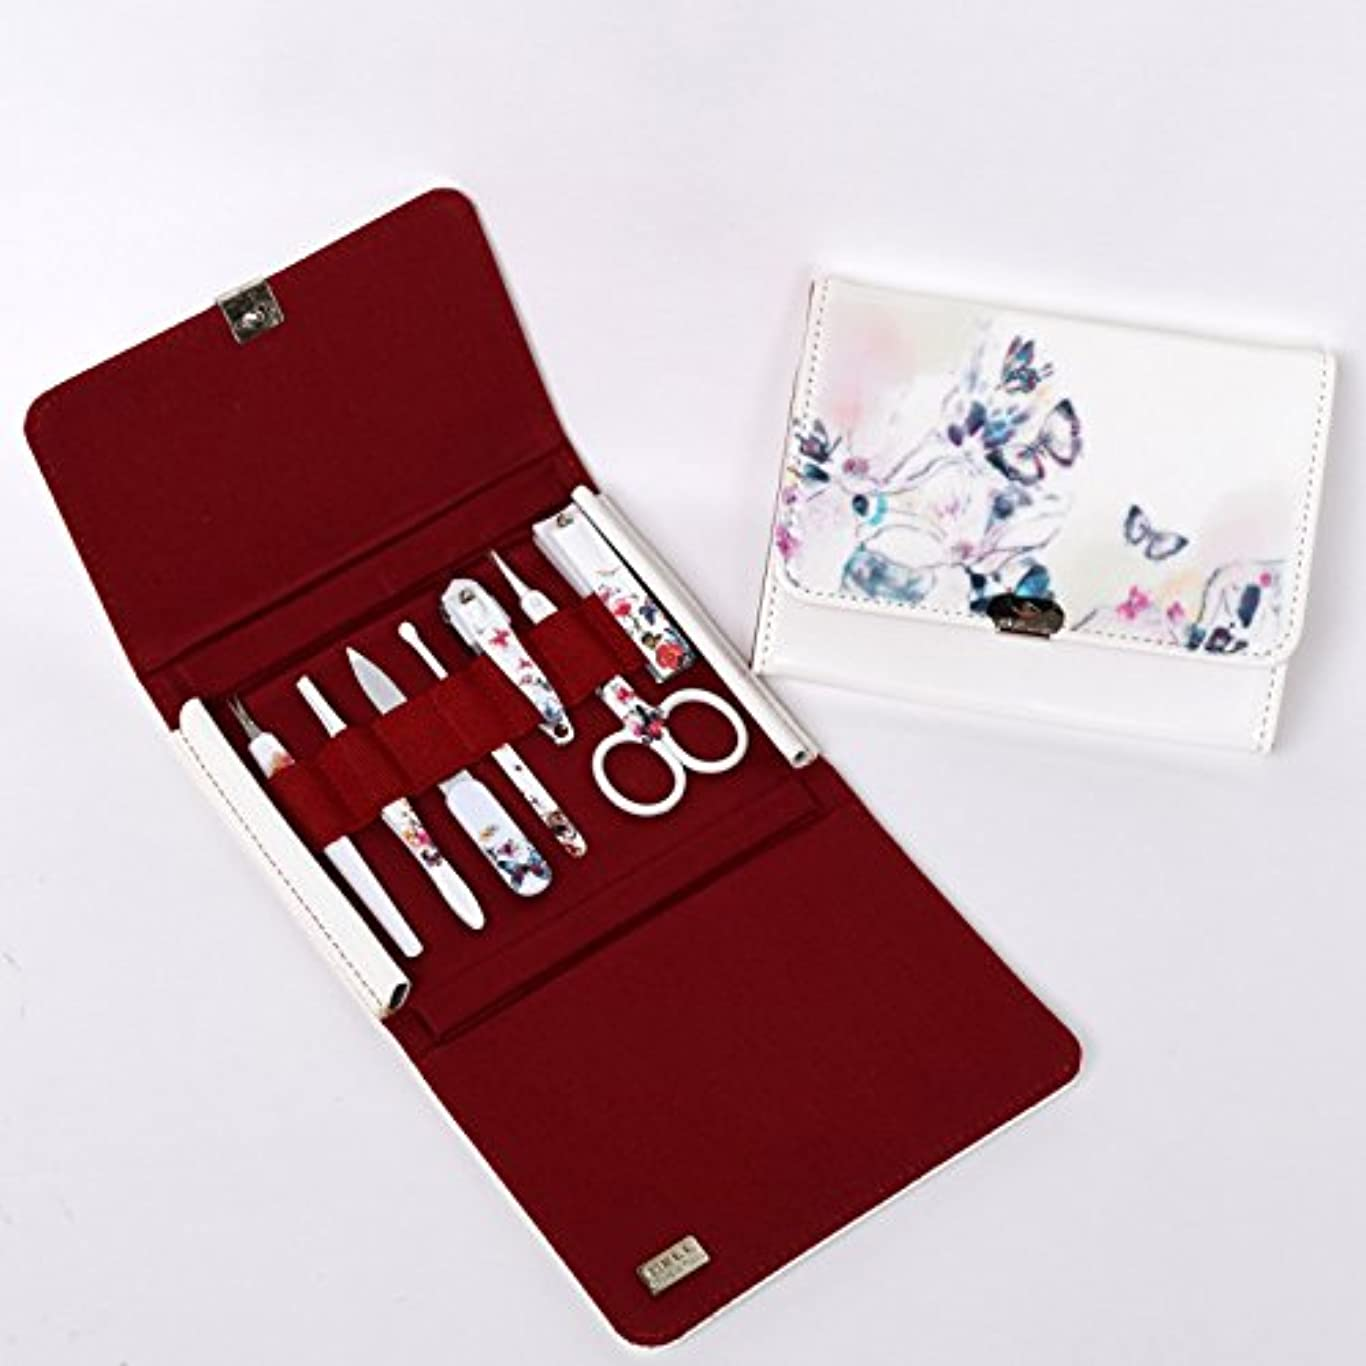 方程式本当のことを言うと明らかBELL Manicure Sets BM-270 ポータブル爪の管理セット 爪切りセット 高品質のネイルケアセット高級感のある東洋画のデザイン Portable Nail Clippers Nail Care Set